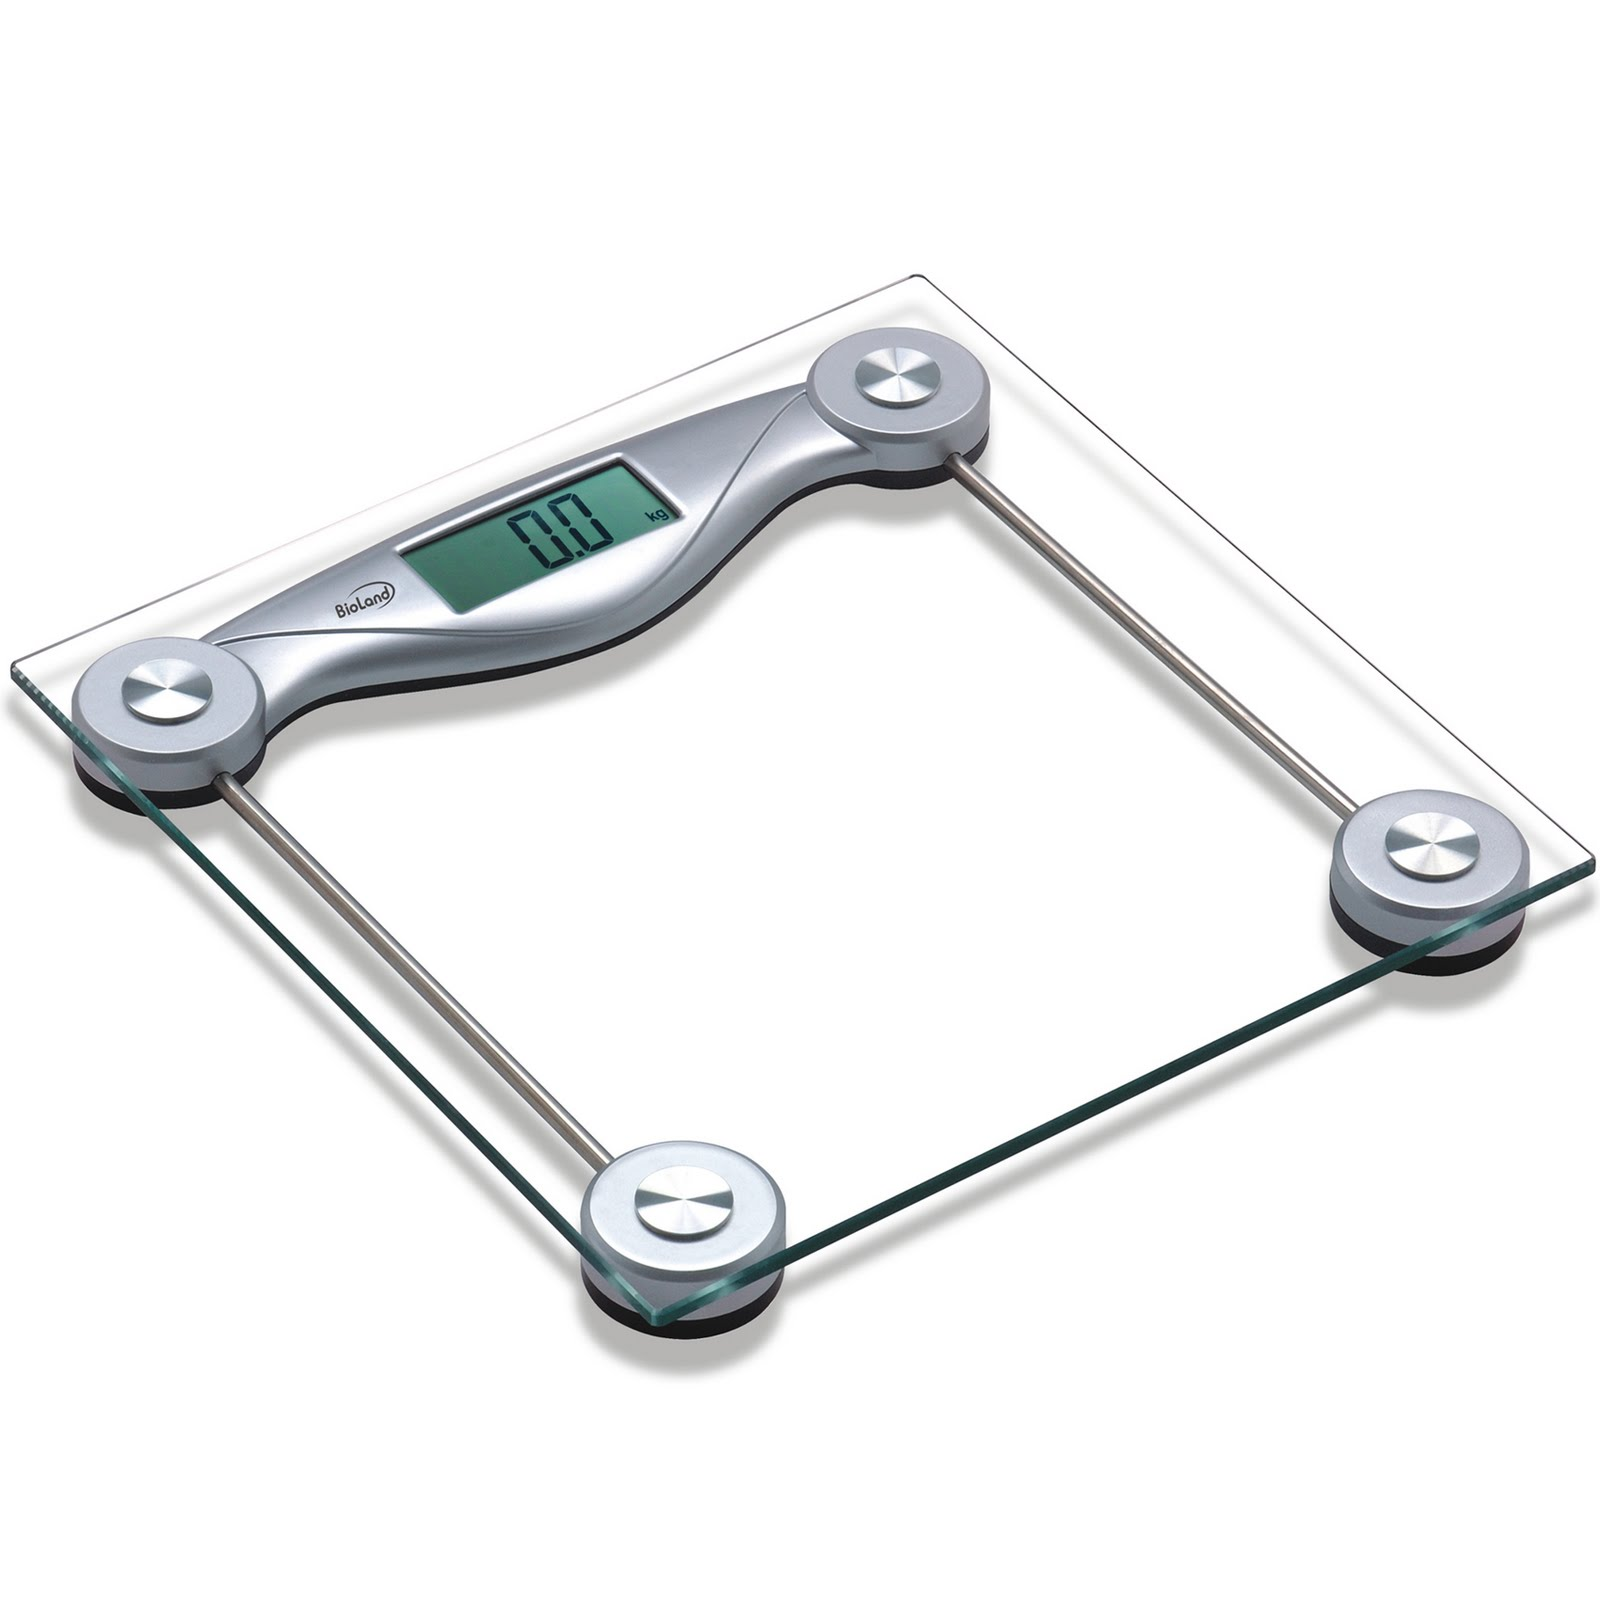 Balança: analógica ou digital? VilaClub #365B52 1600x1600 Balança Digital Banheiro Britania